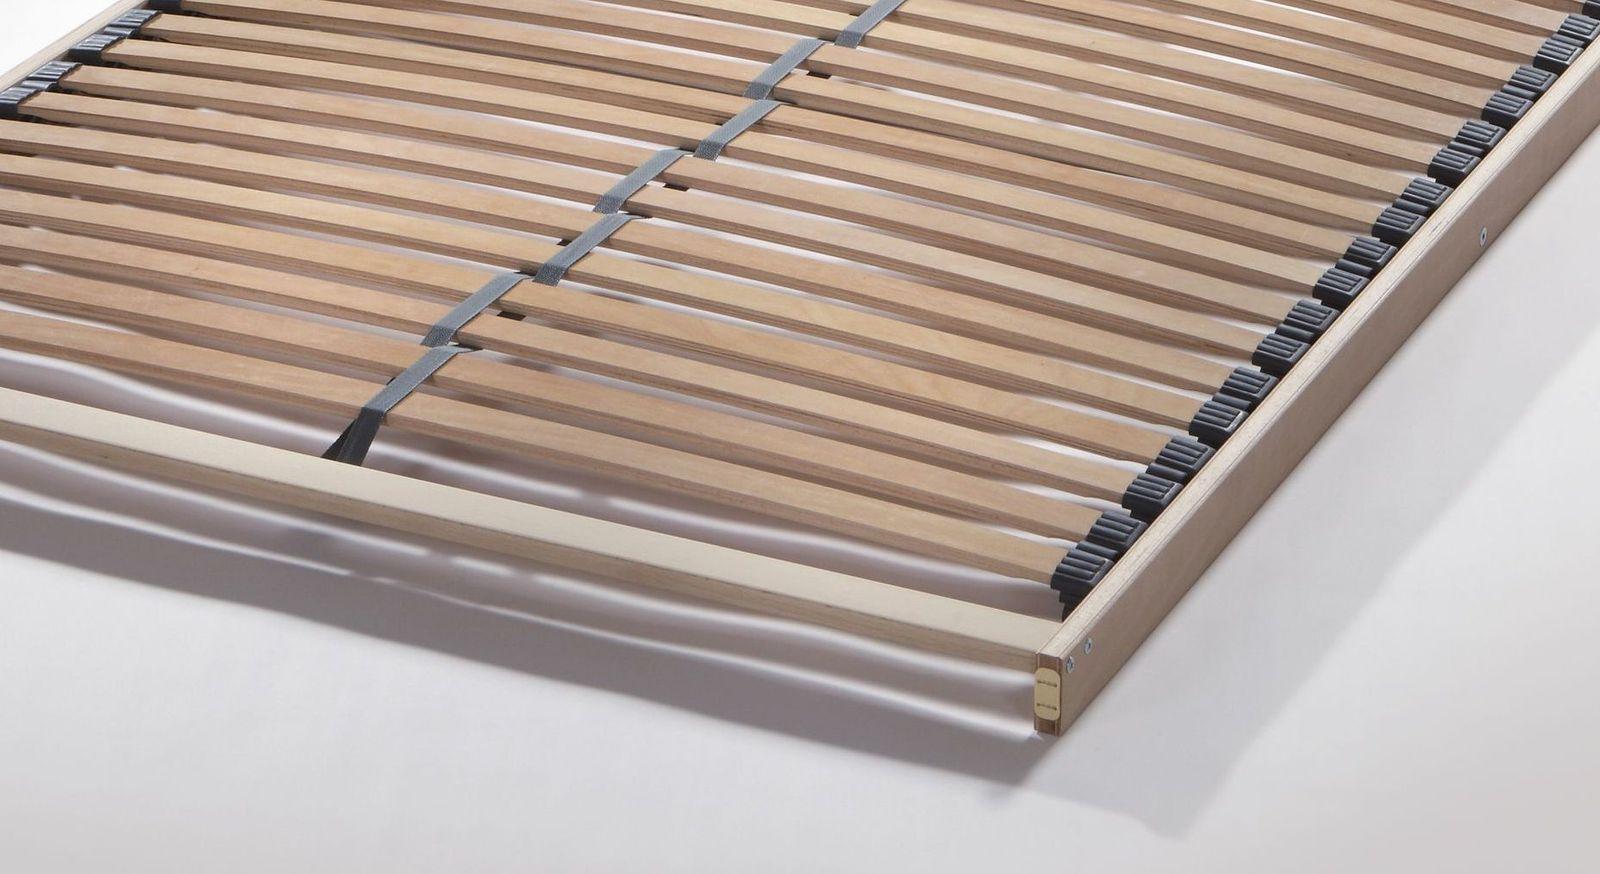 Lattenrost Kim mit Mittelband für optimale Federwirkung